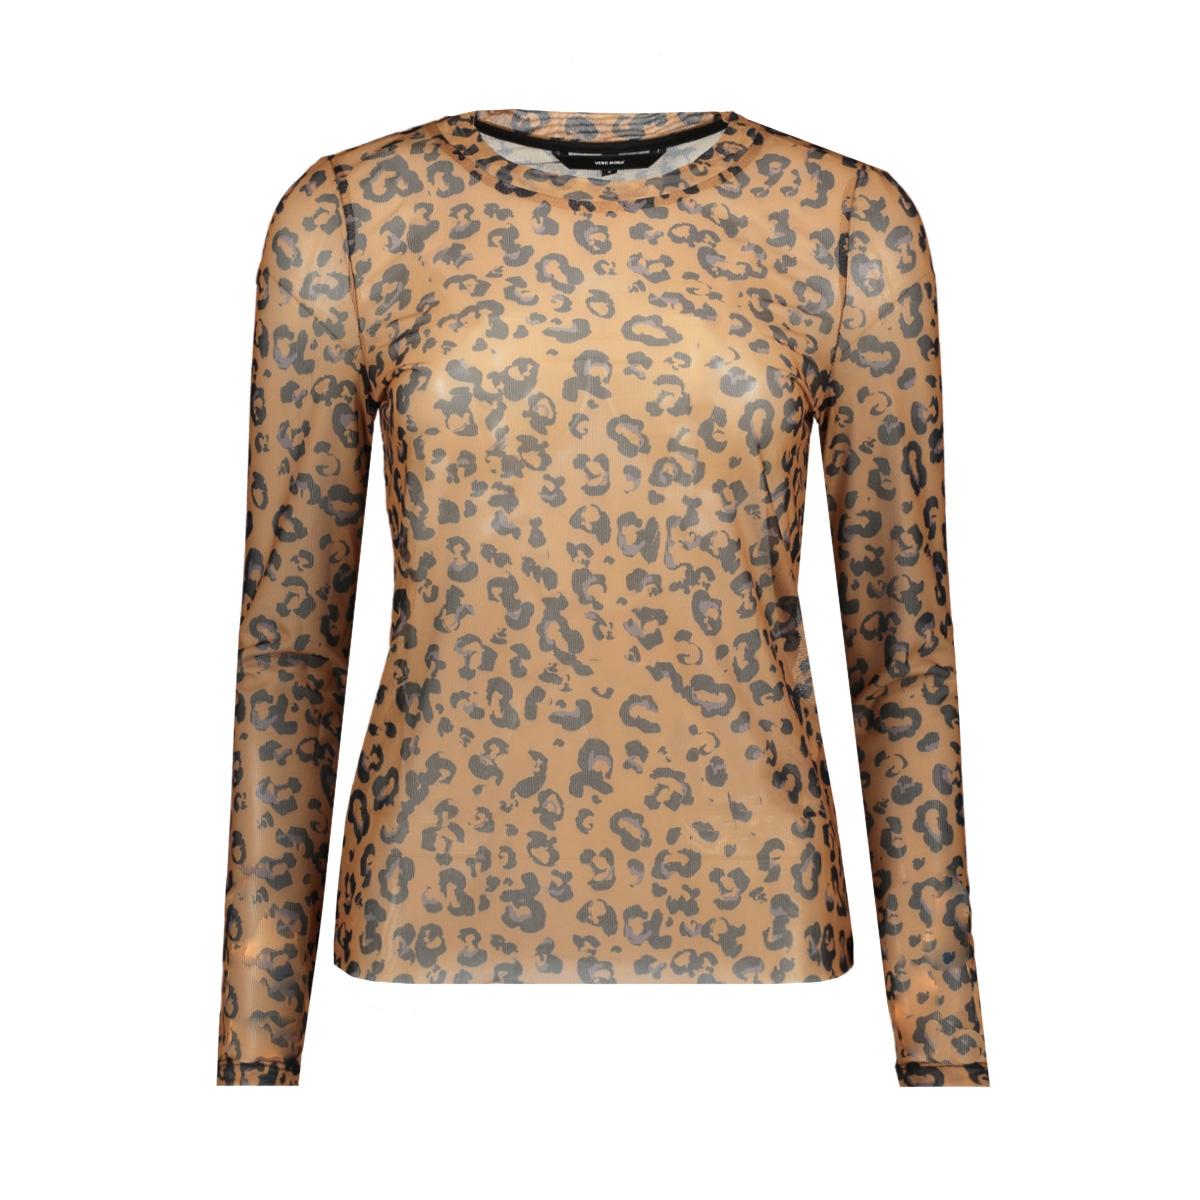 vmmaya mesh l/s top vo 10218905 vero moda t-shirt tobacco brown/ annie